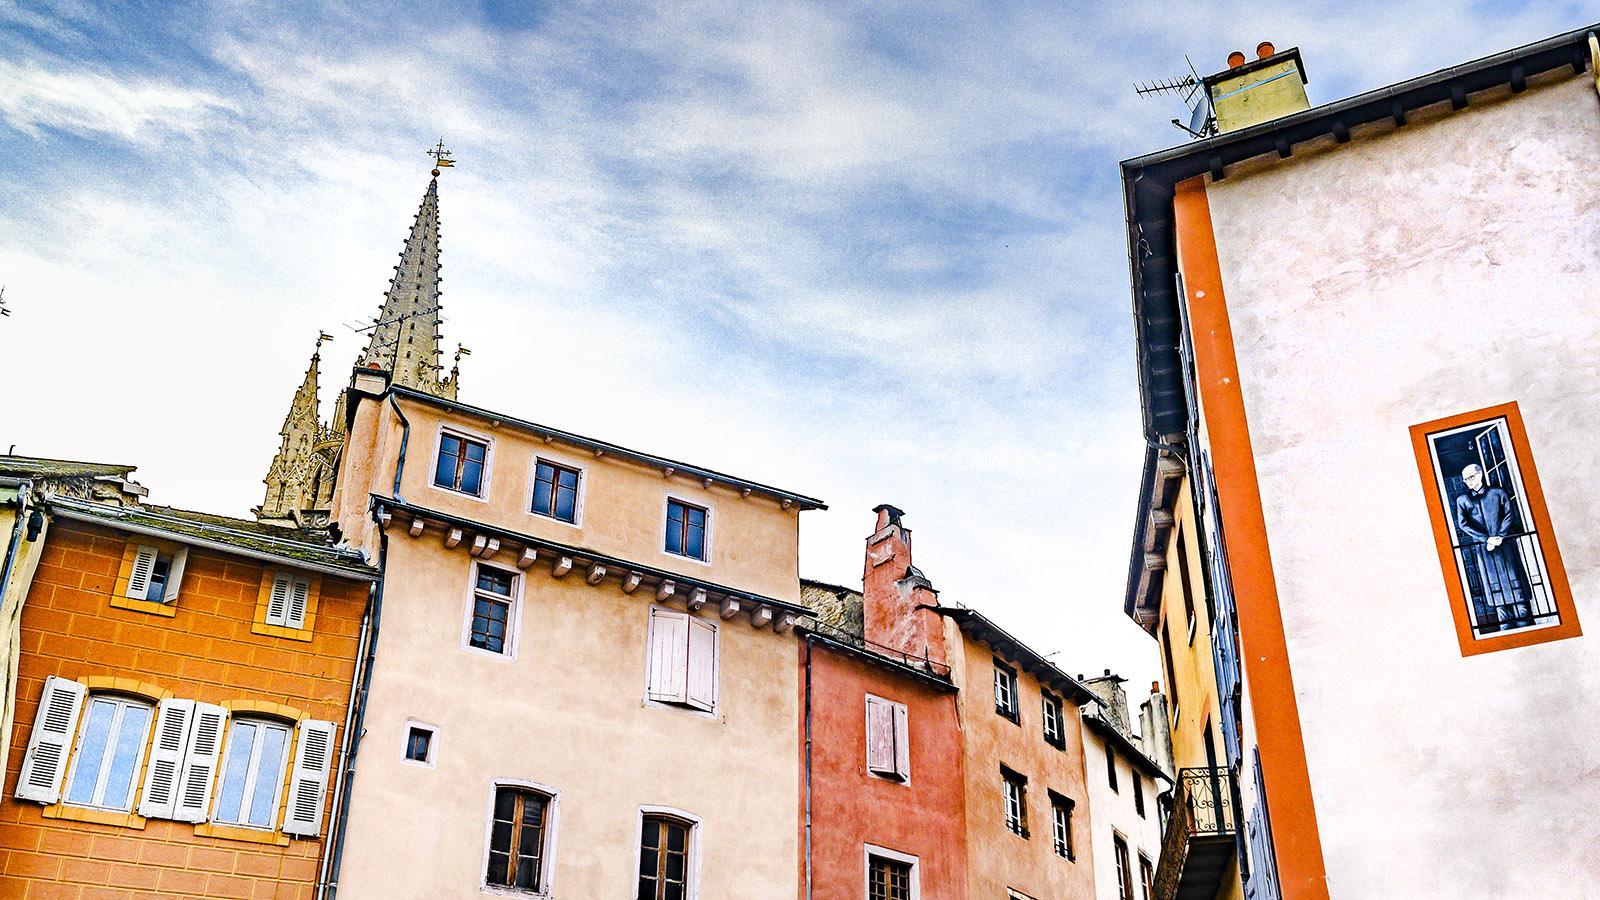 Die Kathedrale überragt die kleine, enge Altstadt von Mende. Foto: Hilke Maunder